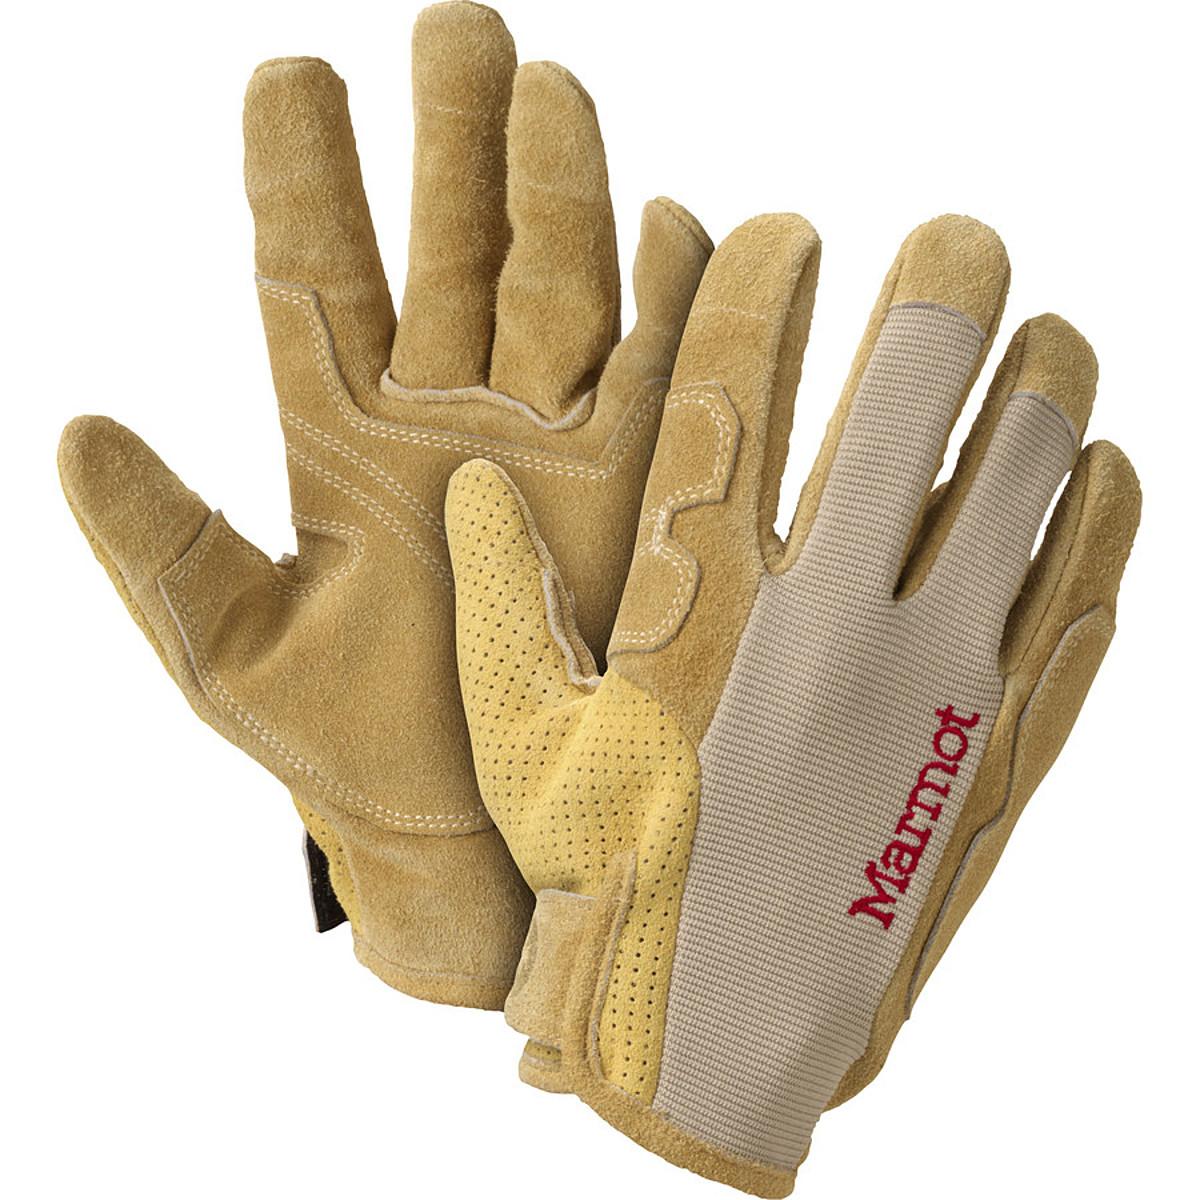 Marmot Airtime Glove